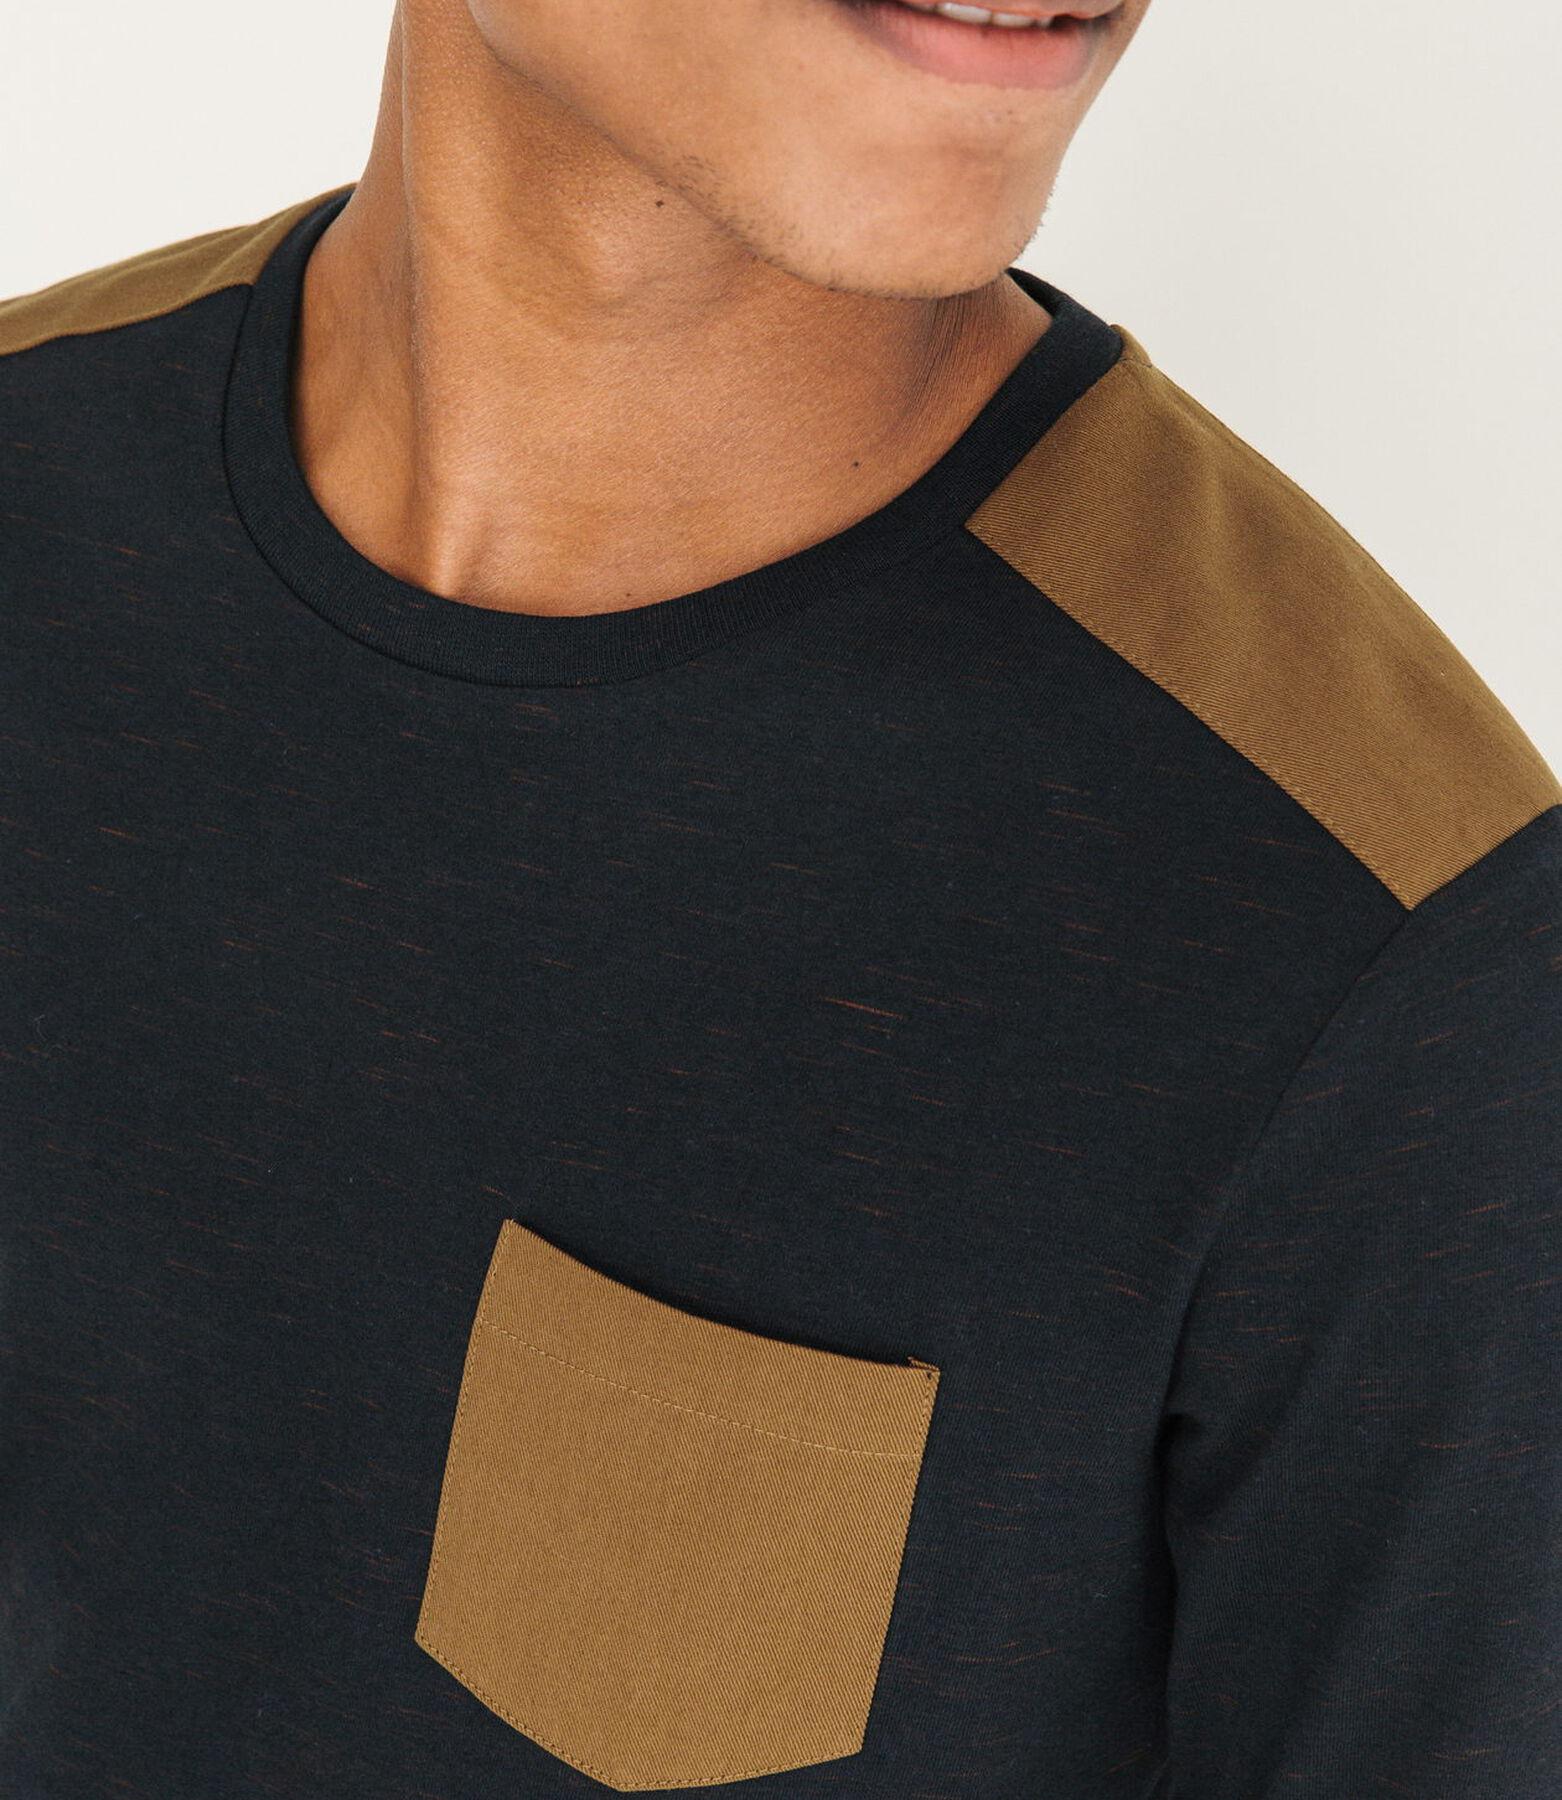 T-shirt matière fantaisie et patch épaules